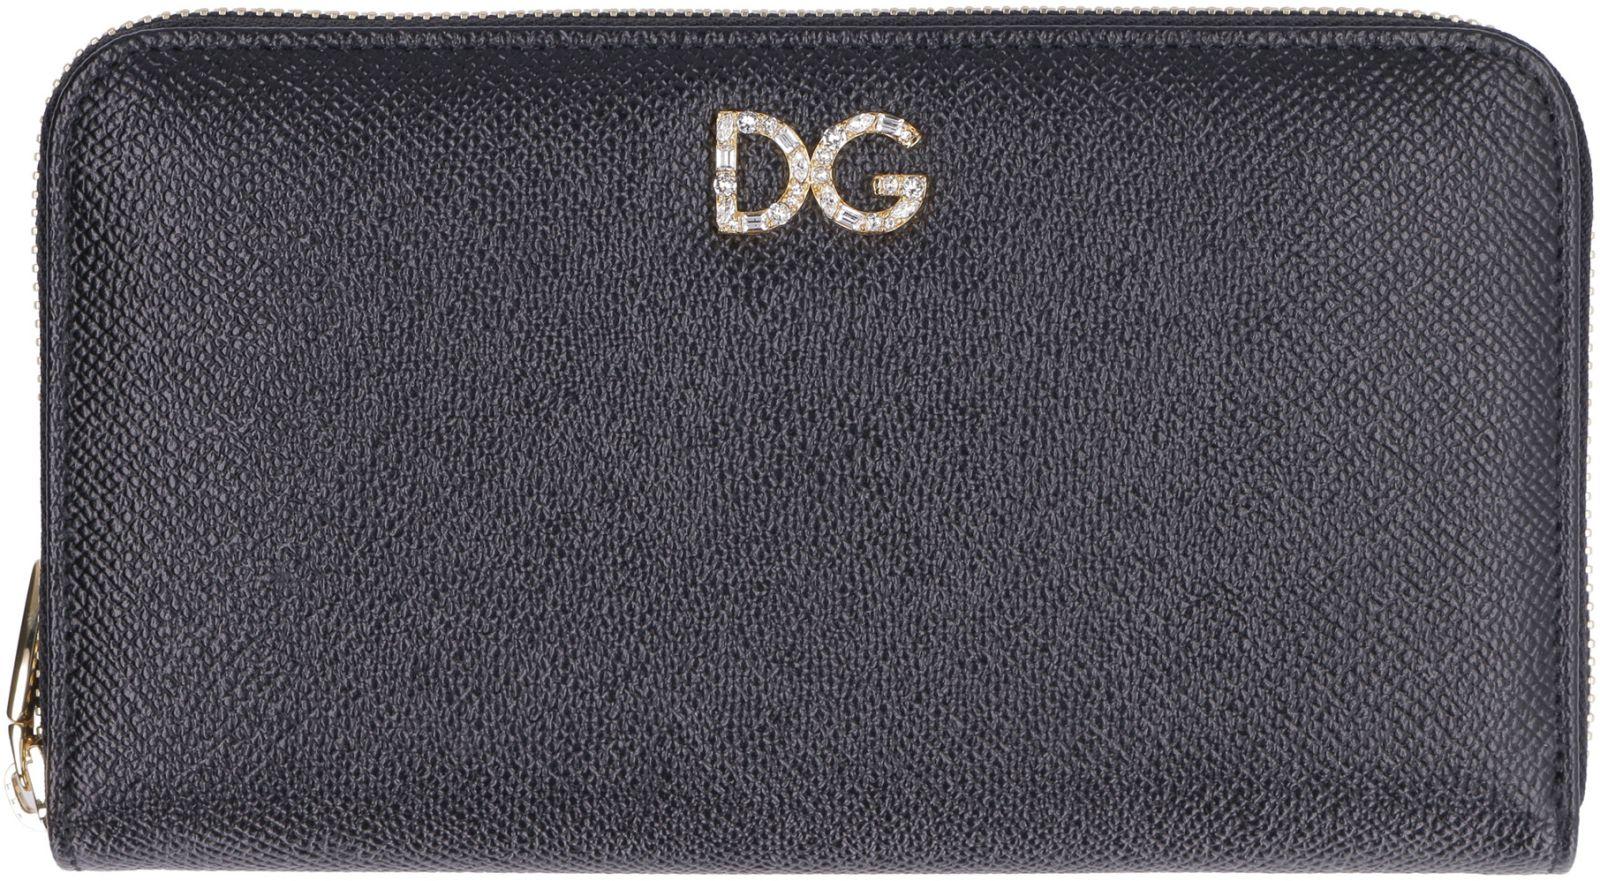 b94dff5c69 ... Dolce & Gabbana Dauphine Leather Print Zip Around Wallet - black ...